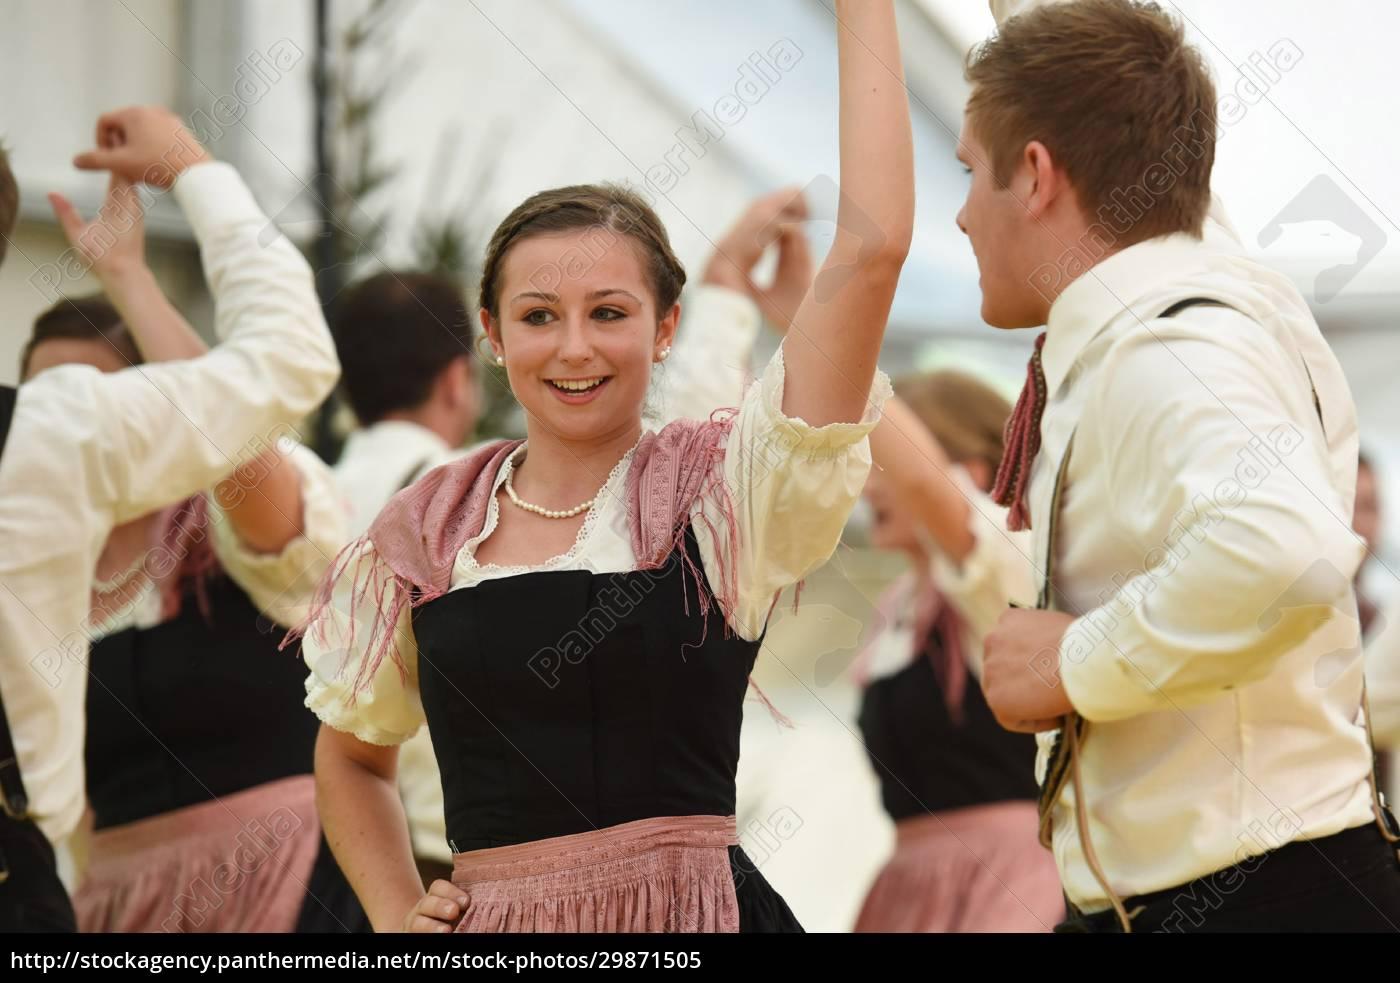 Öffentliche, aufführung, traditioneller, österreichischer, volkstänze, beim - 29871505